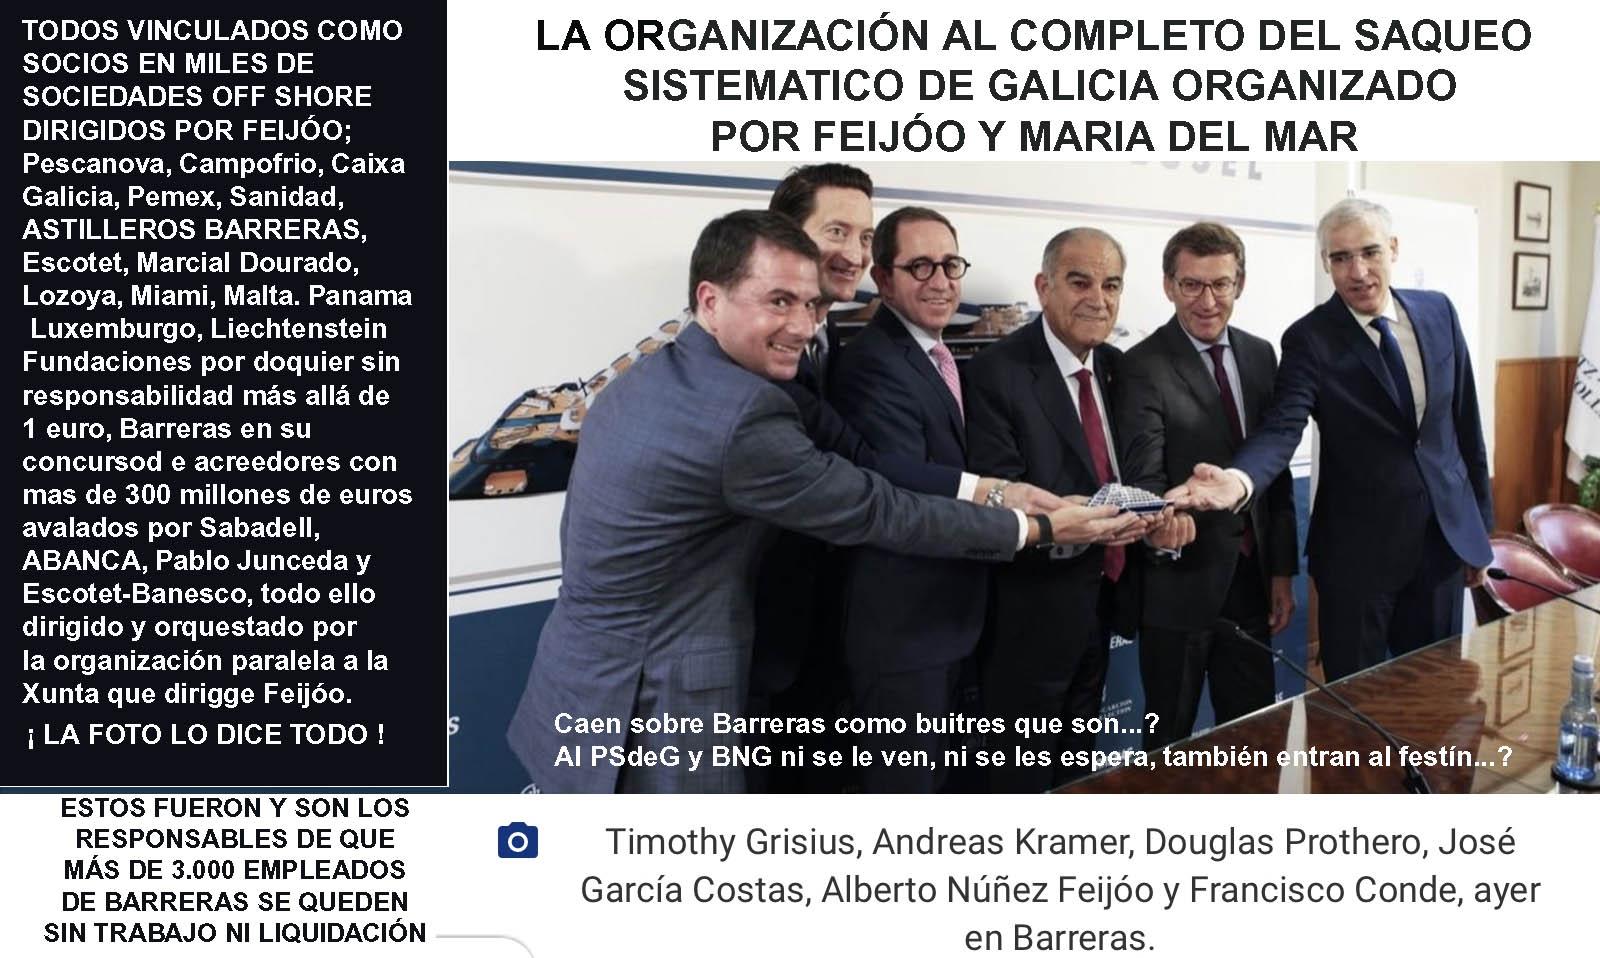 Xornal Galicia destapa la escuela previa a las OFF SHORE del Gobierno  paralelo de Feijóo con 19 sociedades en Melilla vinculadas a los altos  cargos de la Xunta - Xornal Galicia